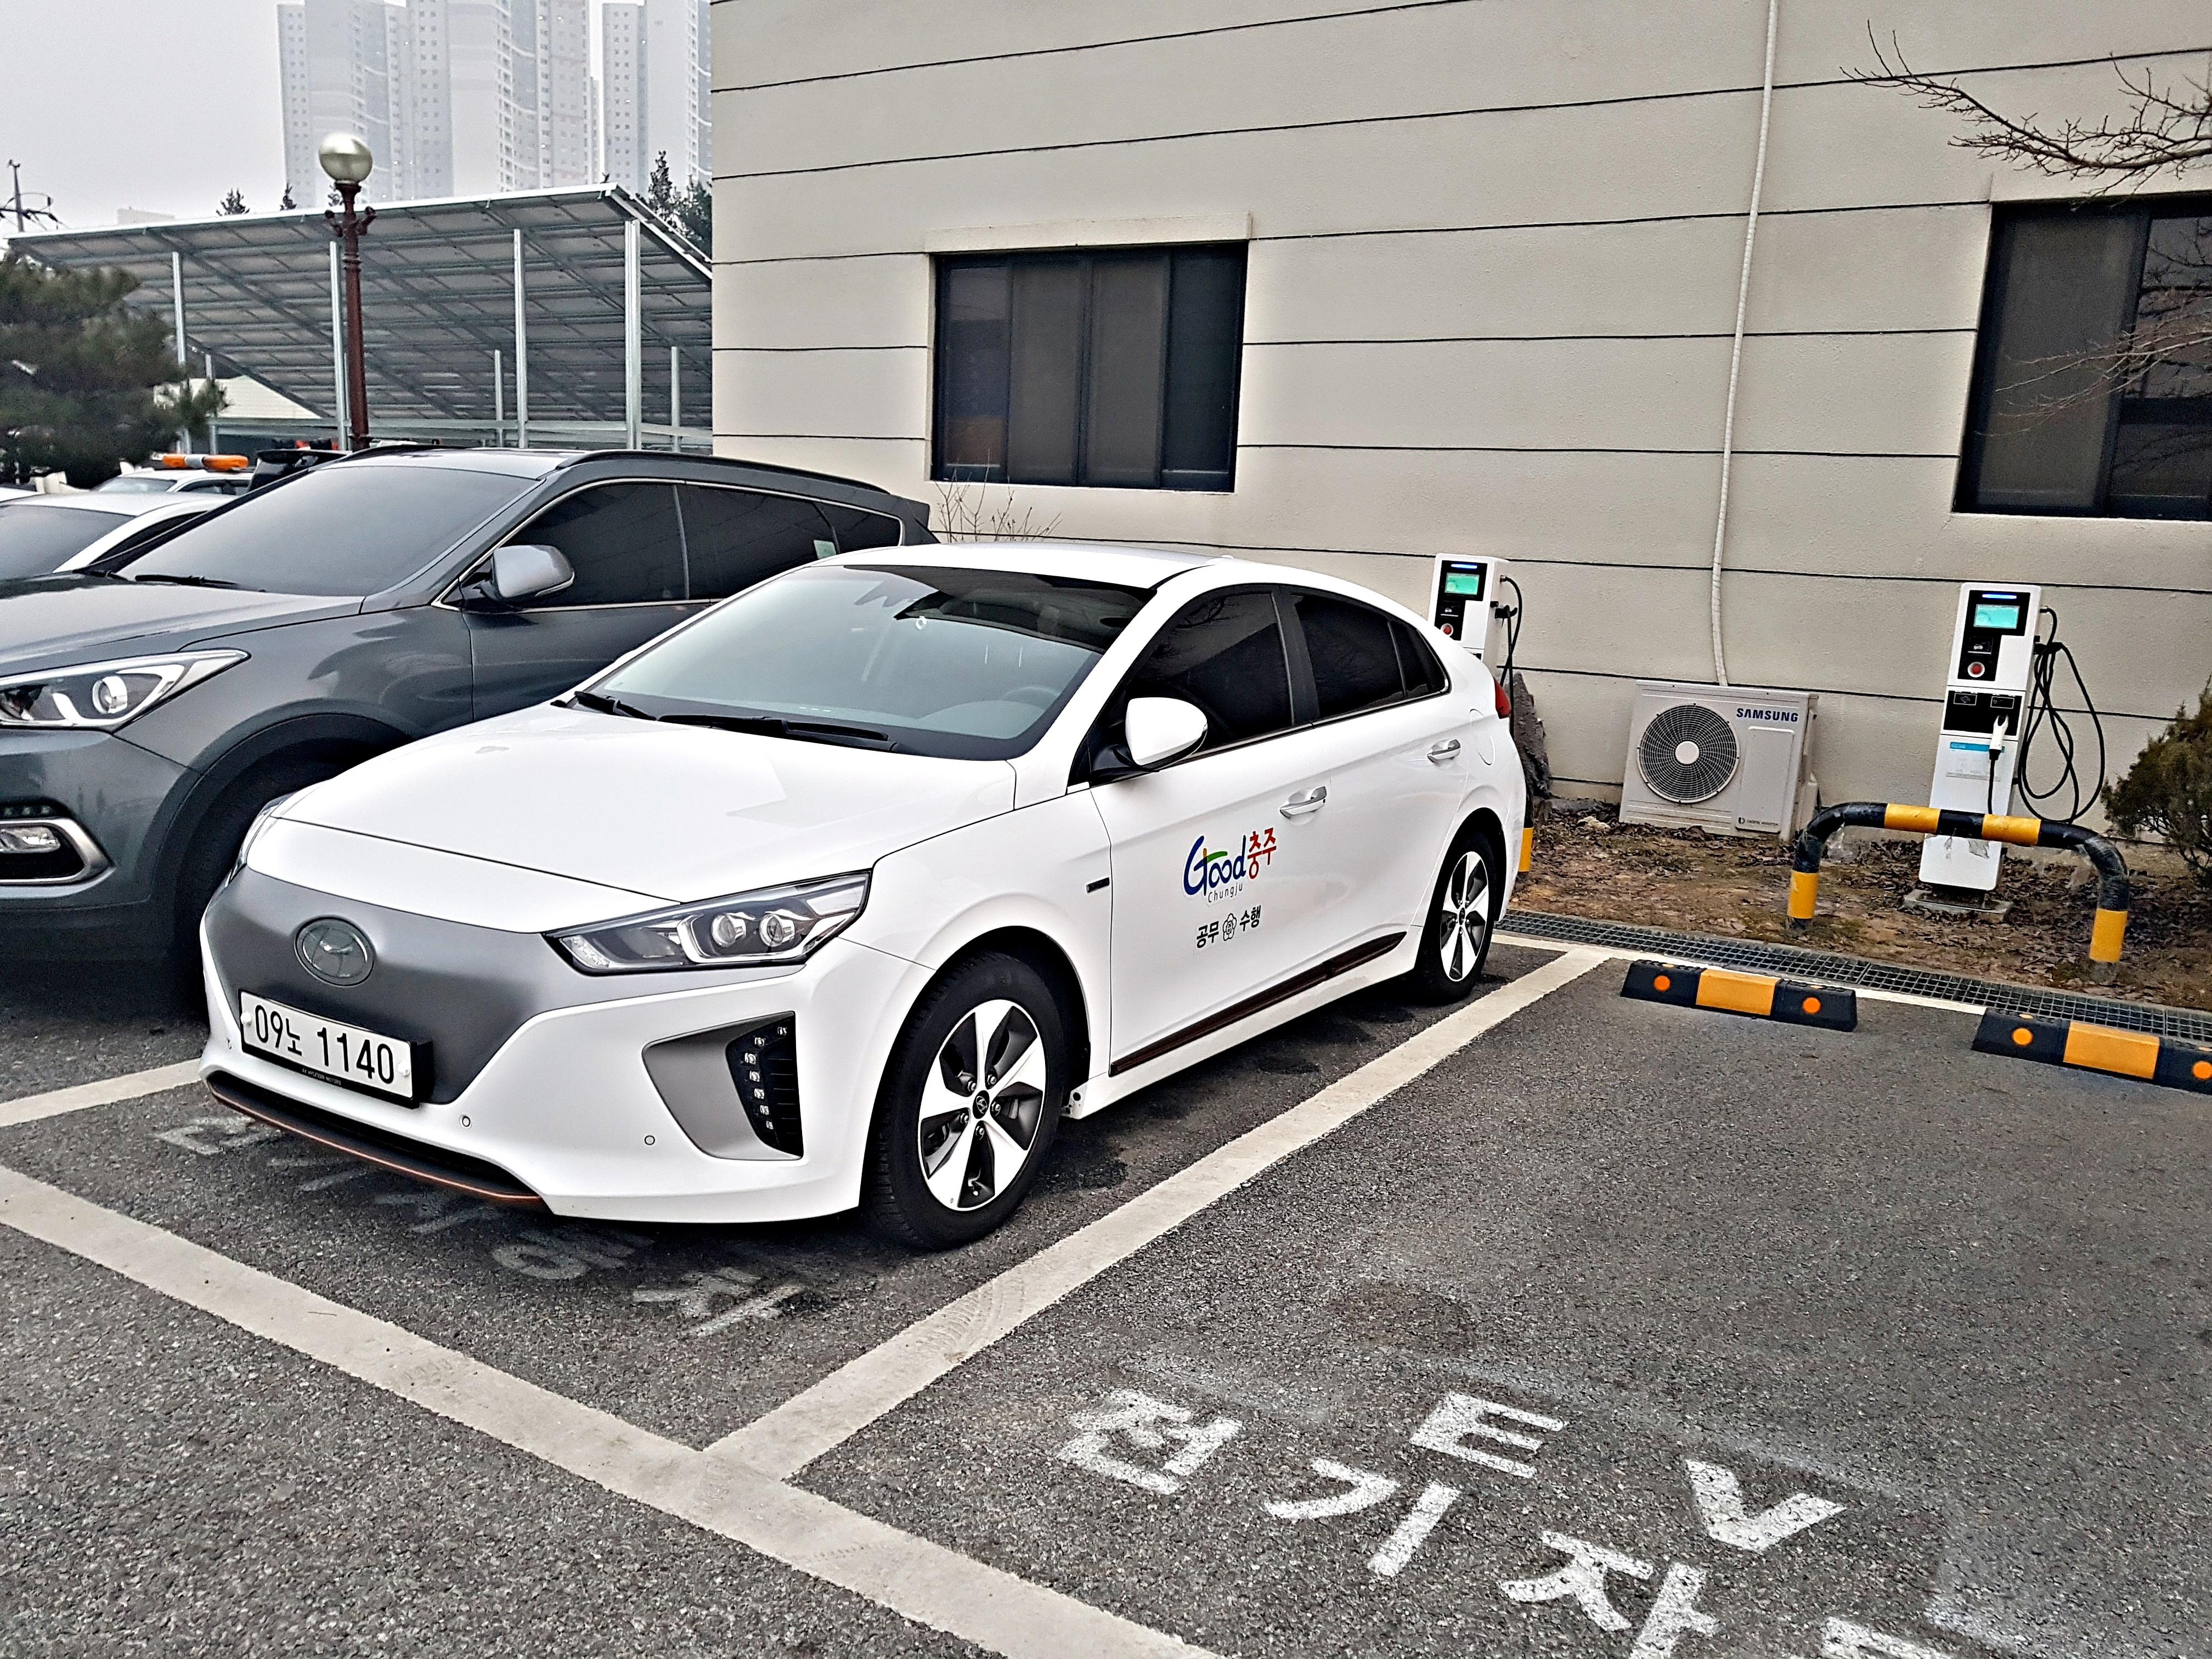 충주시, 전기자동차 민간보급사업 신청 접수